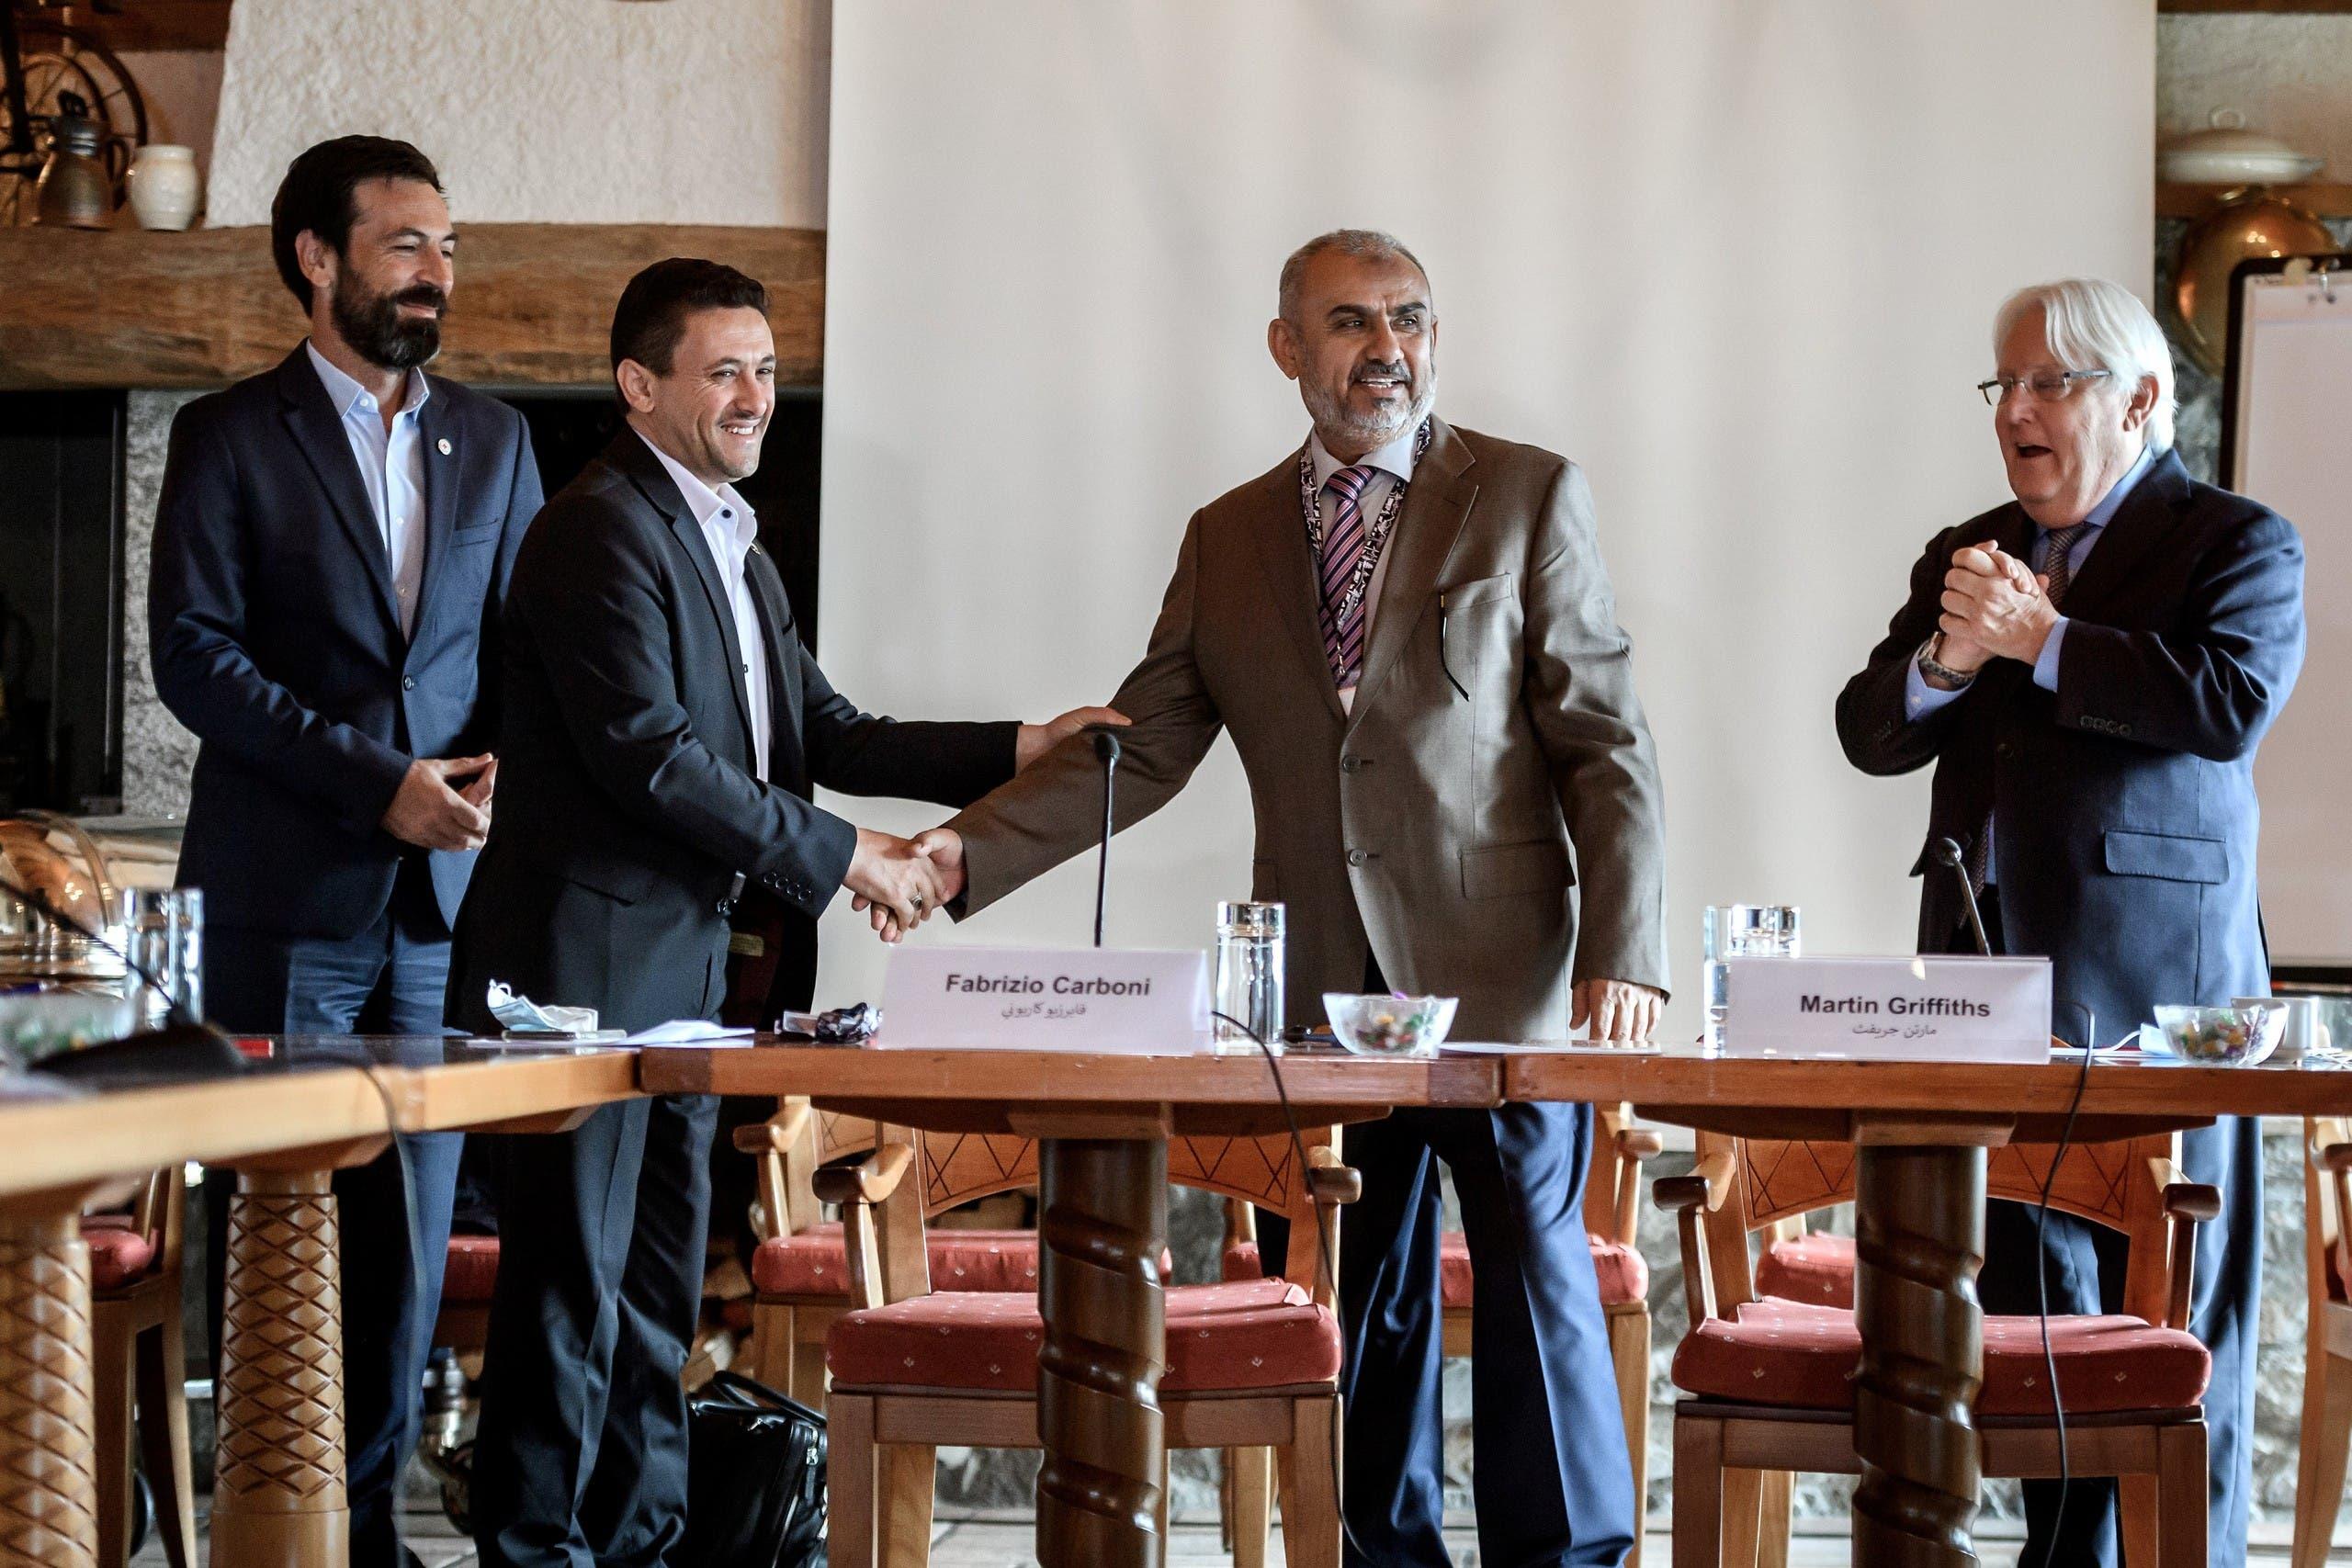 توقيع اتفاق مع الحوثيين في سويسرا في سبتمبر الماضي لتبادل الأسرى